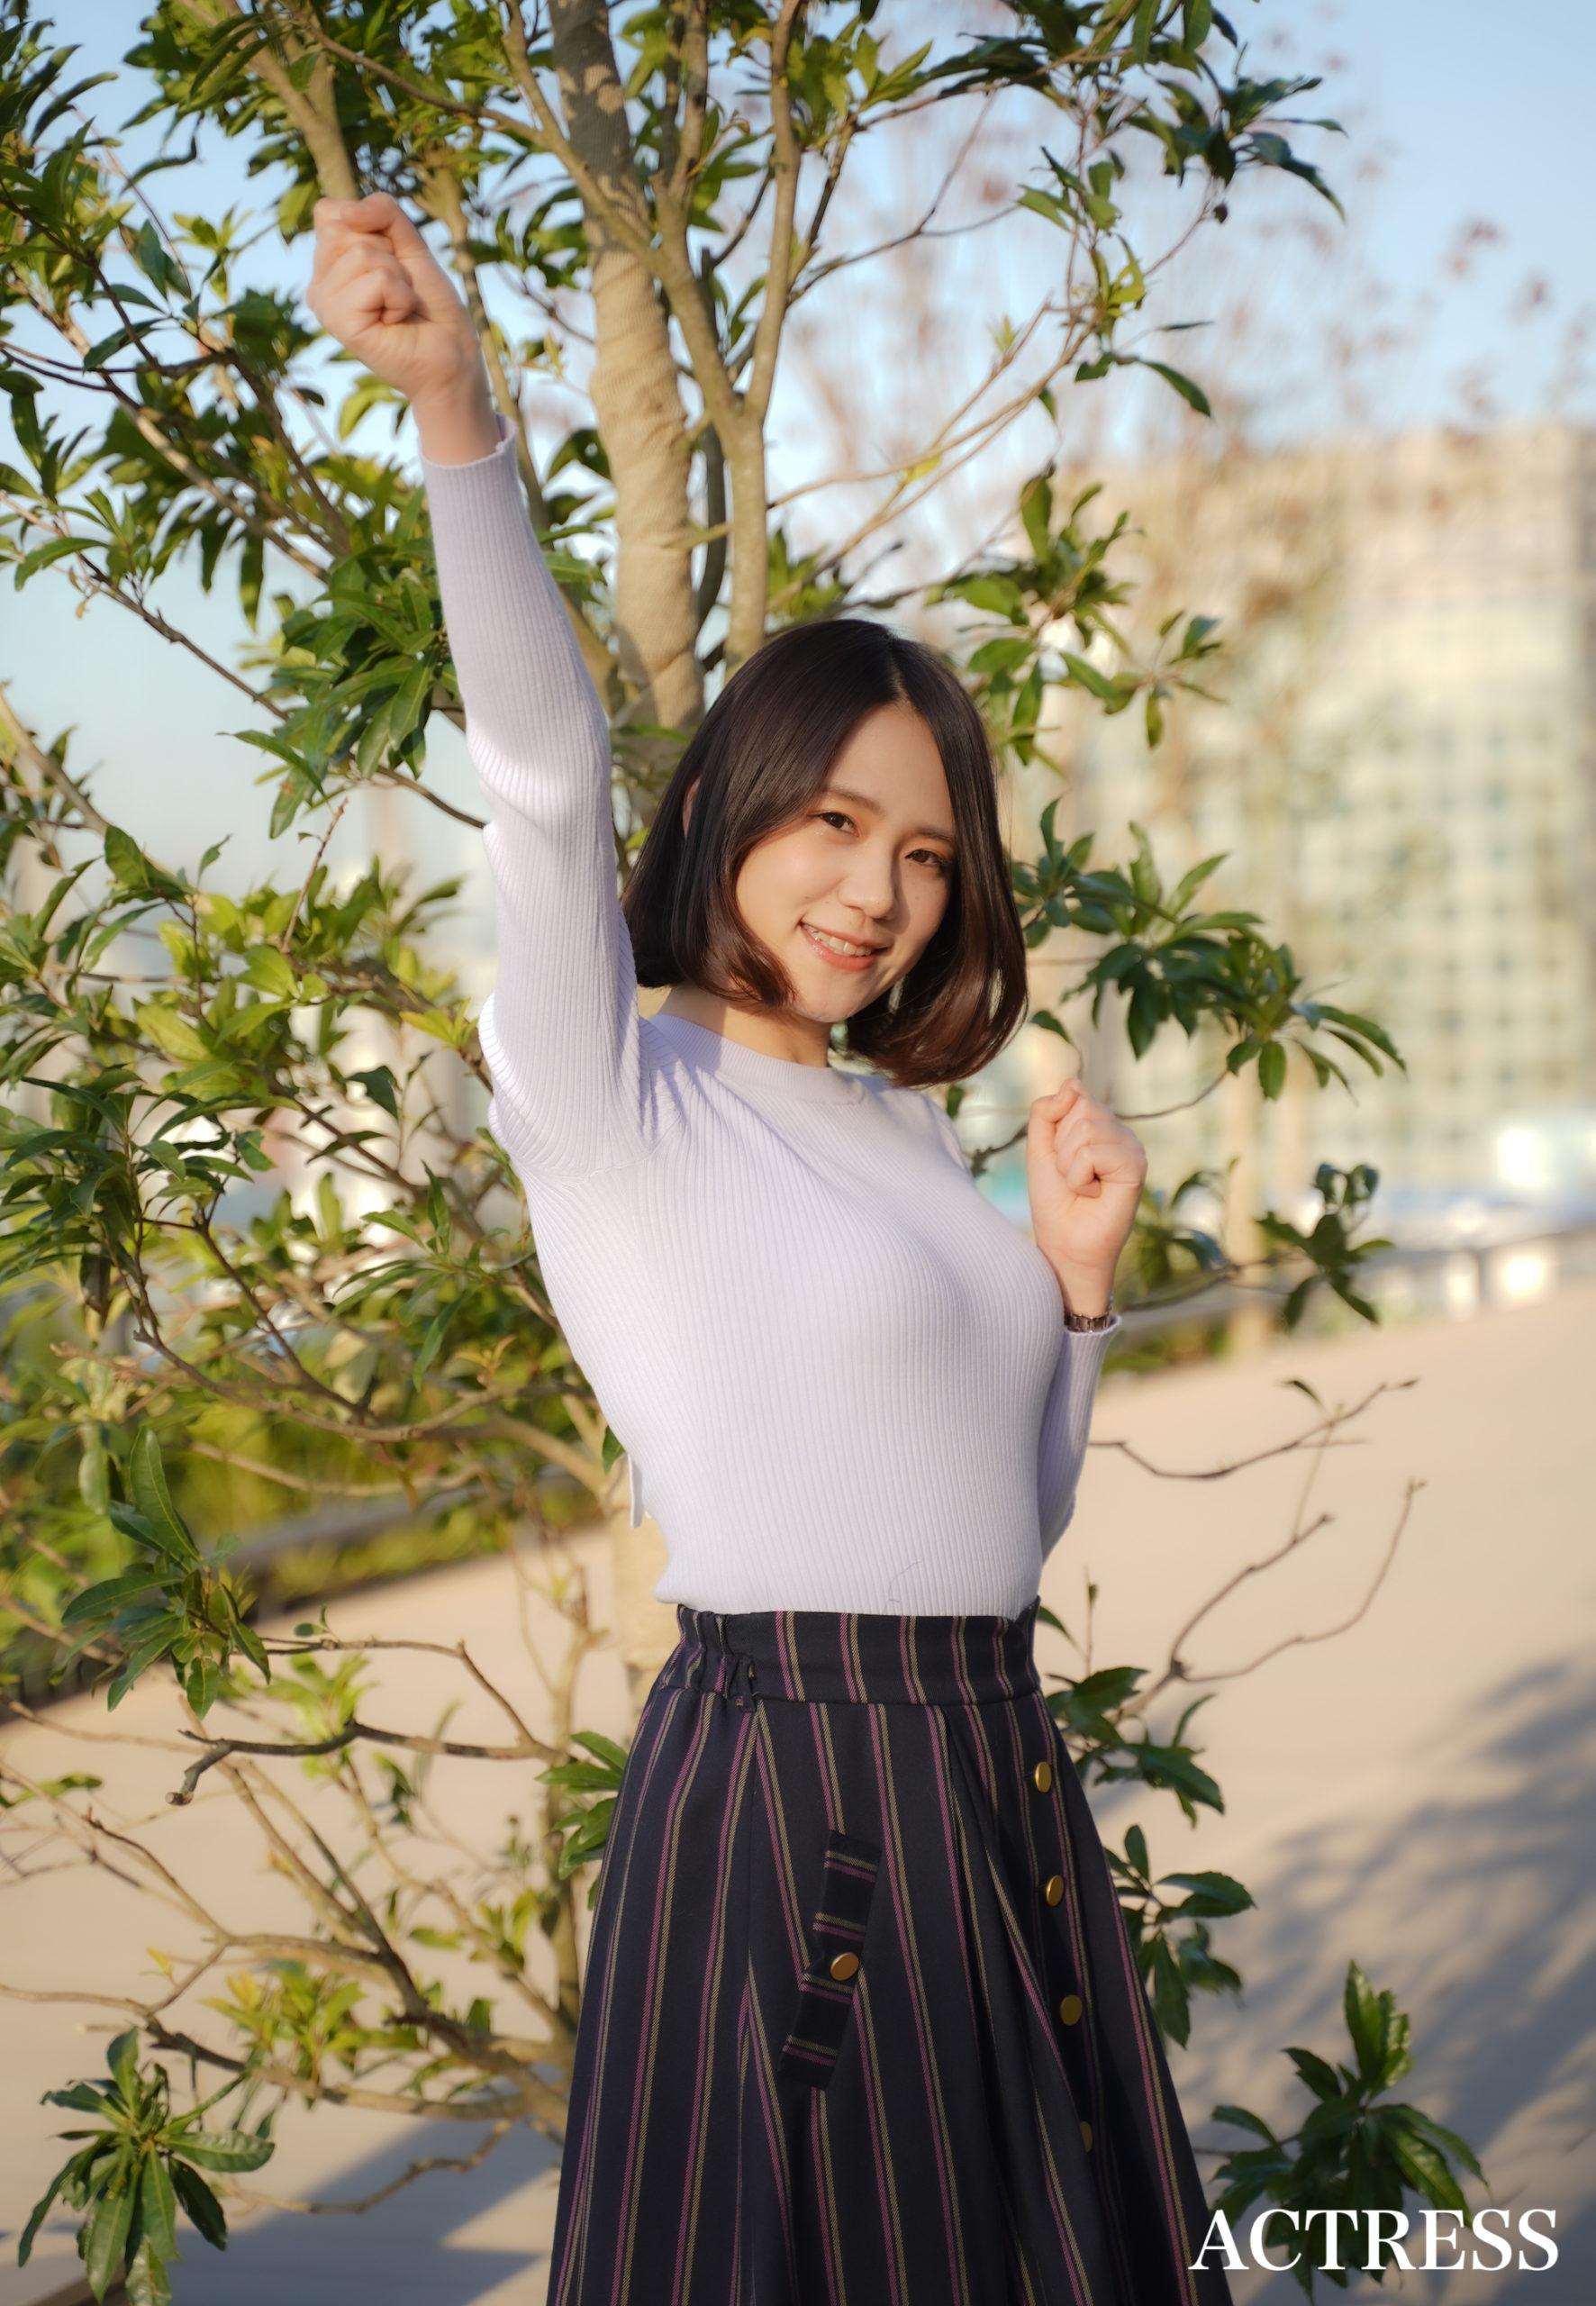 青木菜奈(あおき・なな)2020年3月26日 撮影:ACTRESS編集部